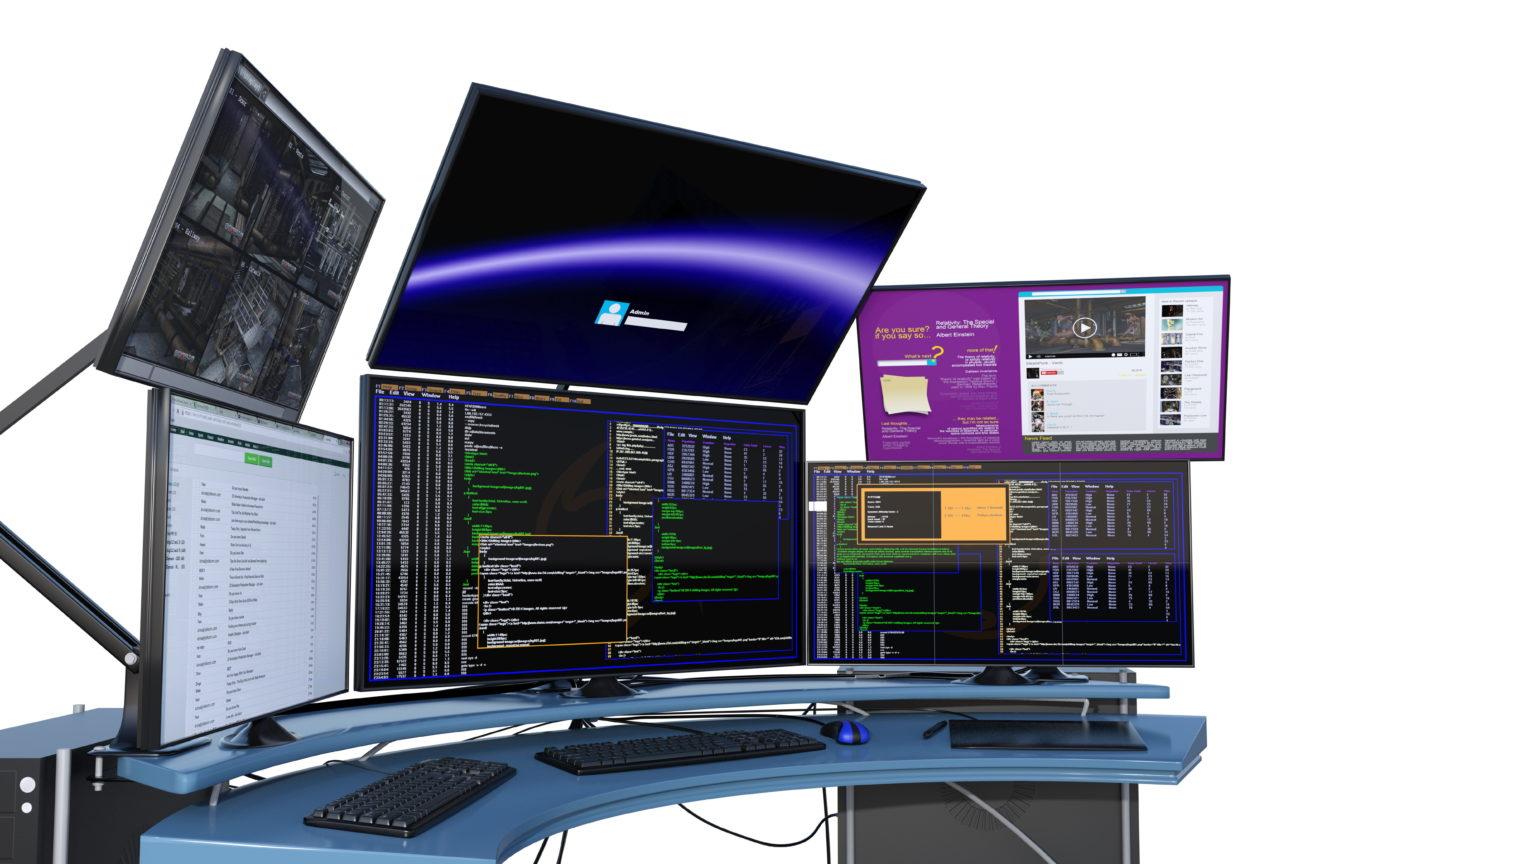 複数のパソコンディスプレイ